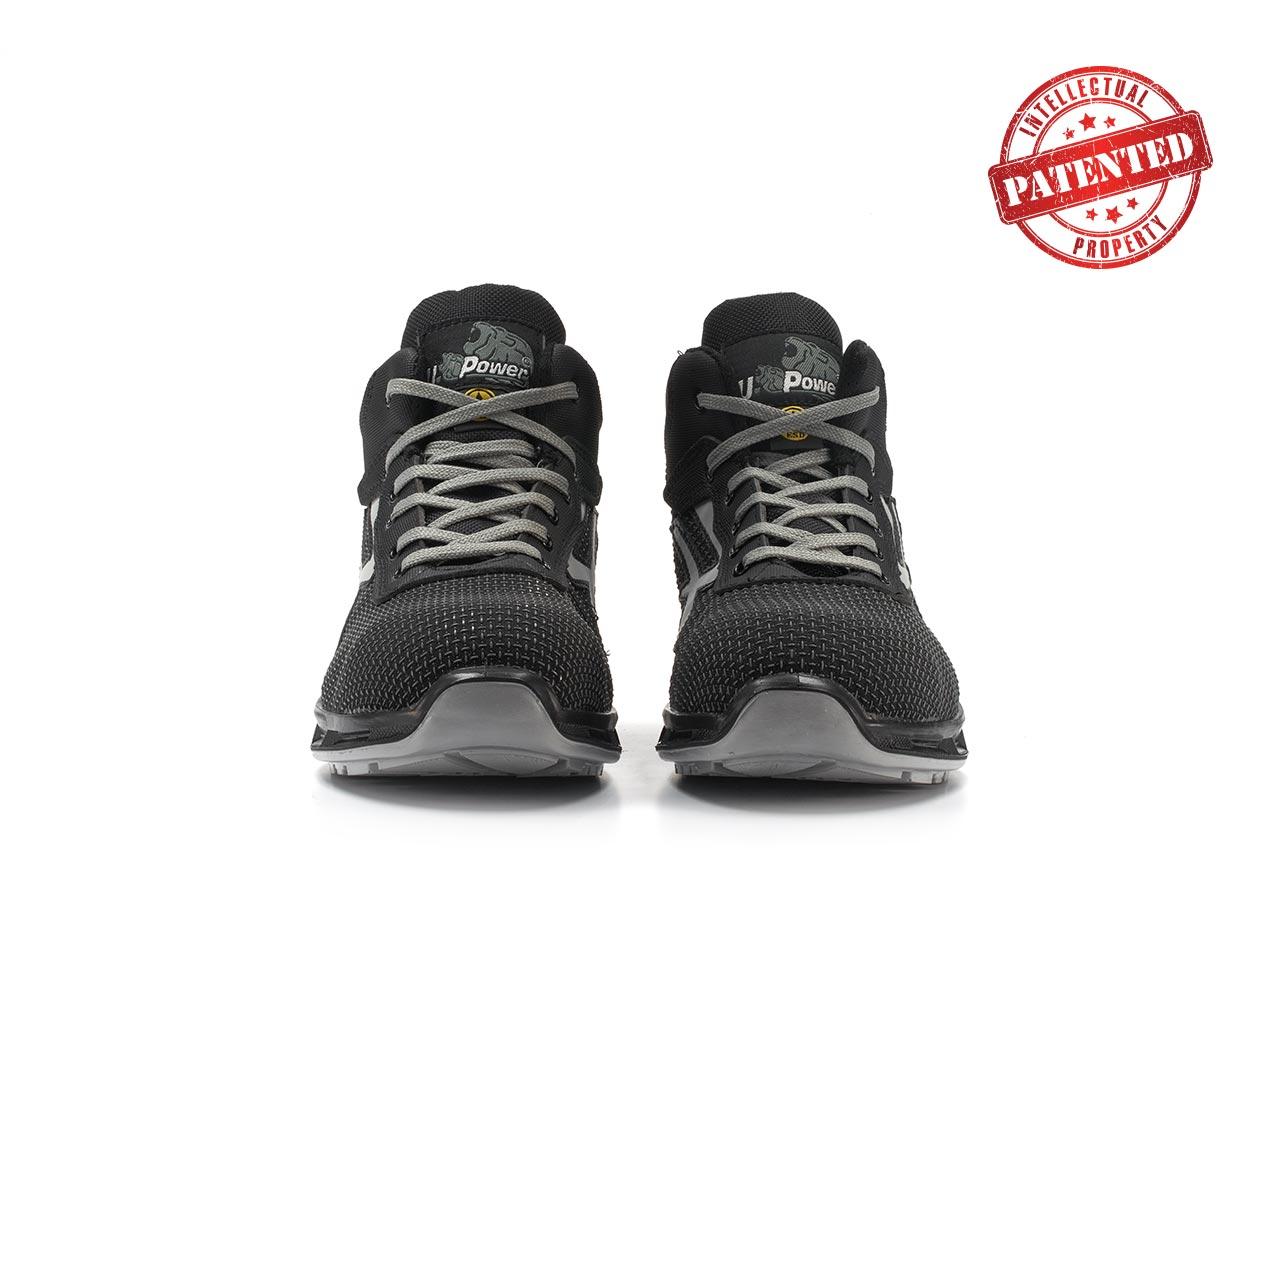 paio di scarpe antinfortunistiche alte upower modello stego linea redlion vista frontale